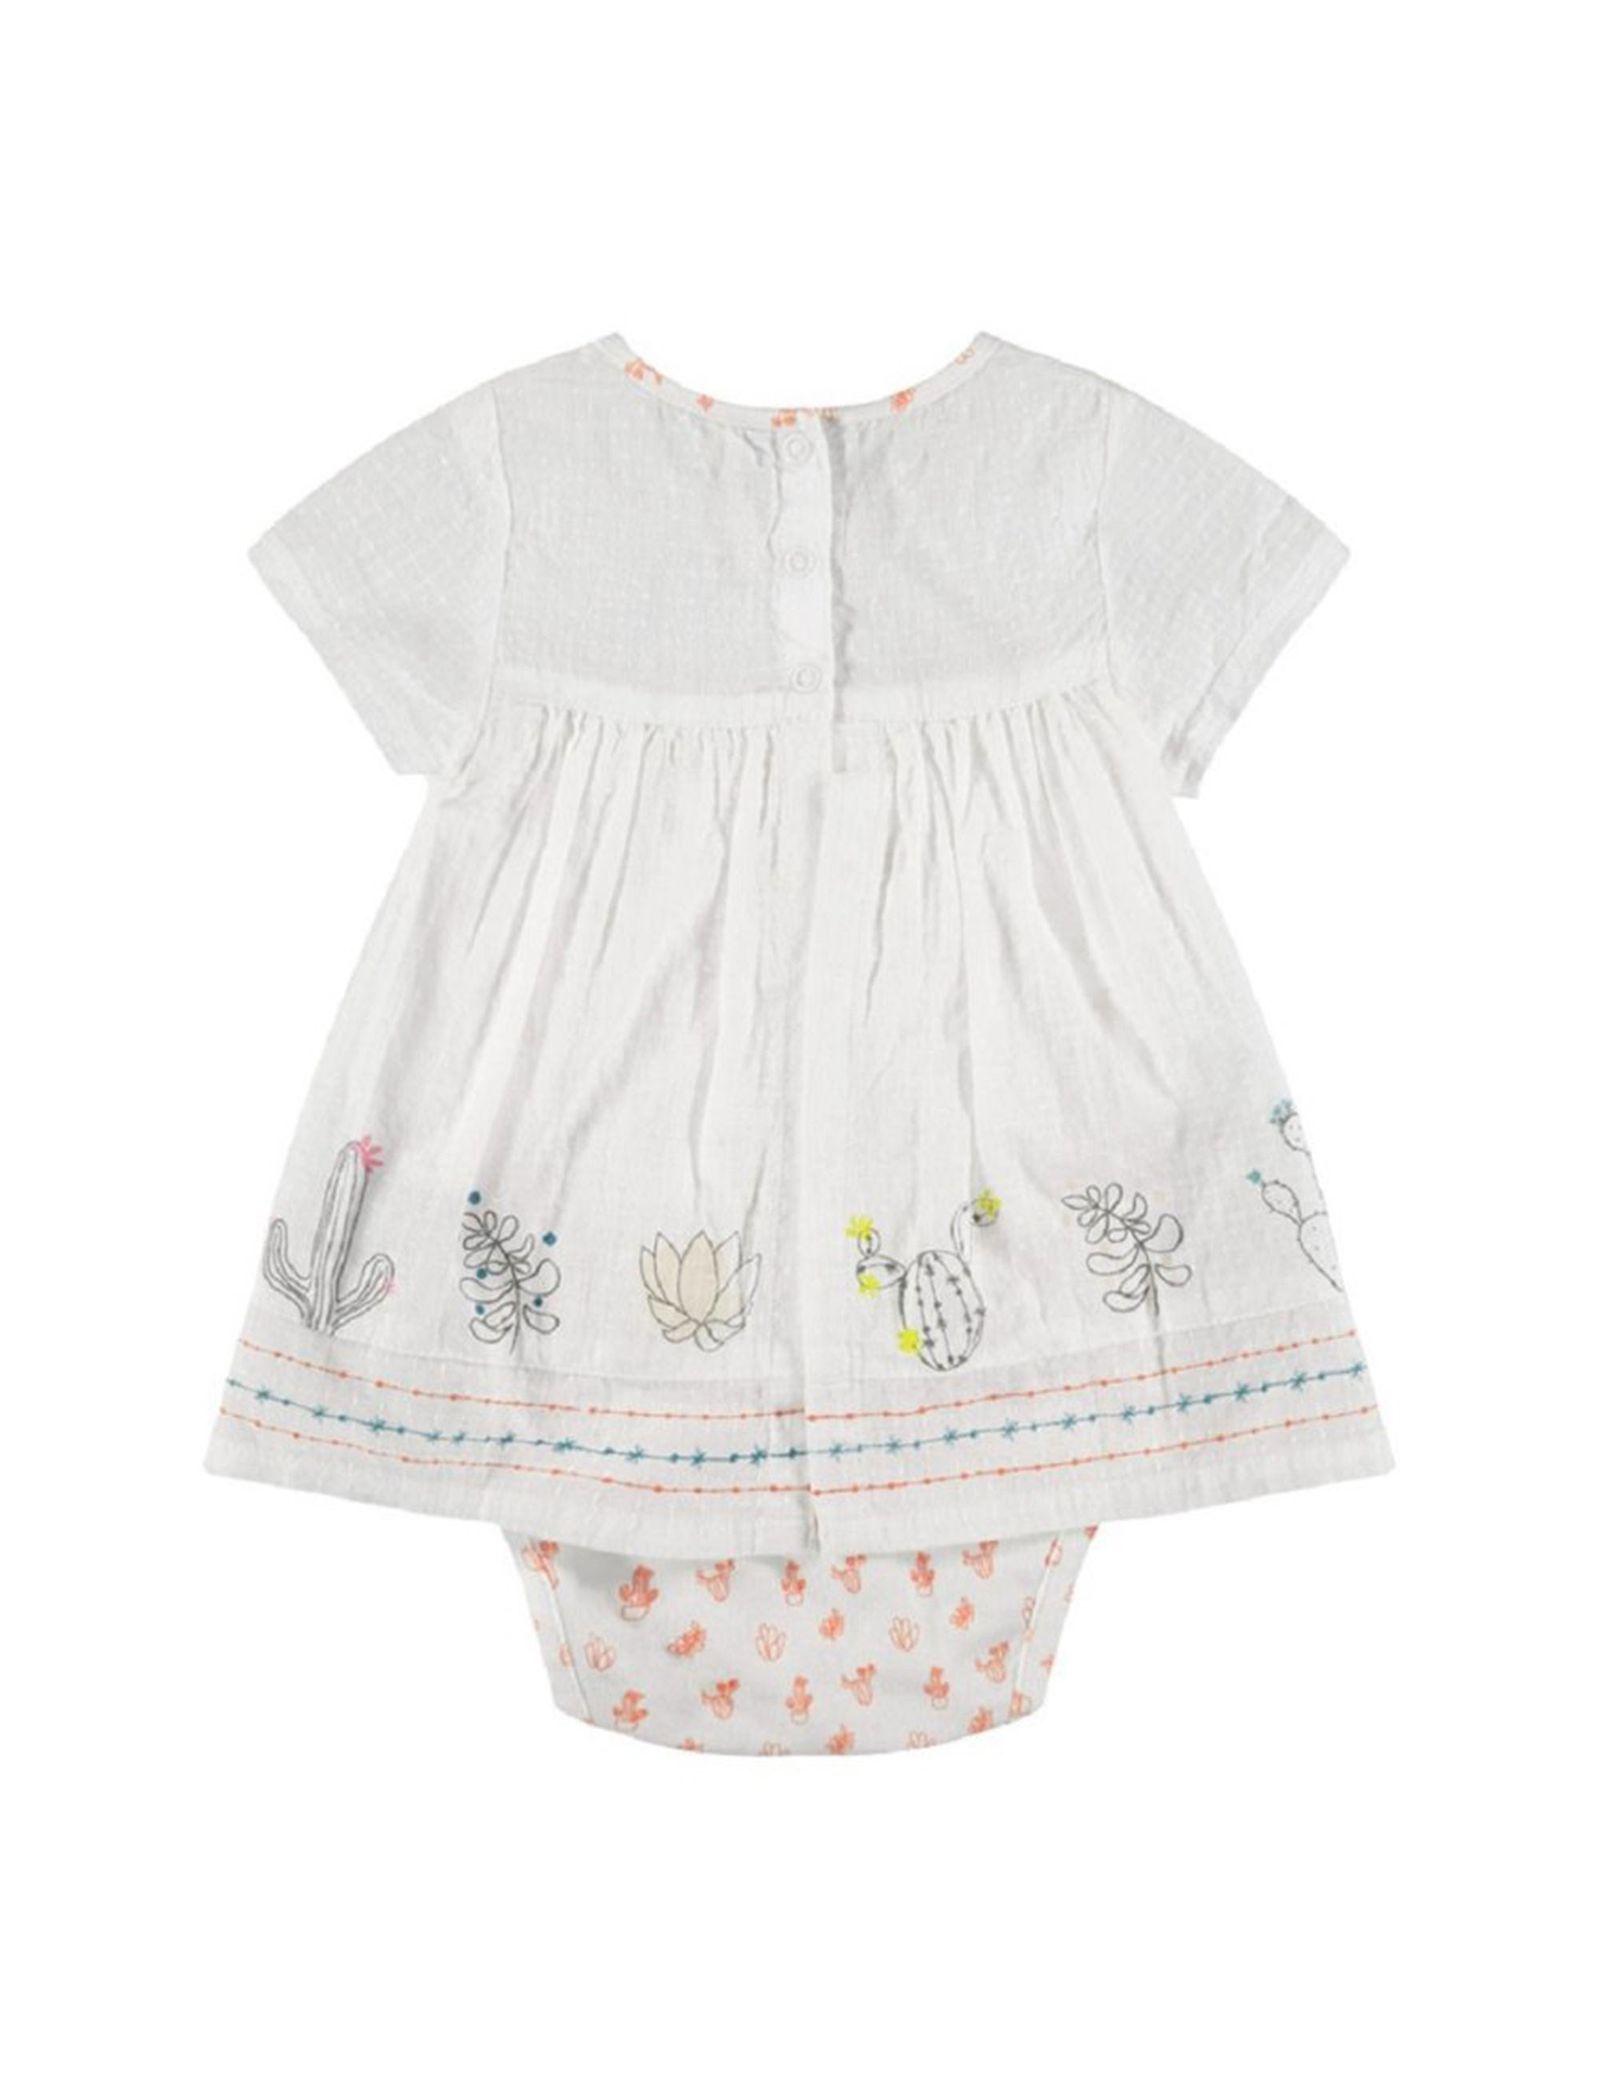 پیراهن و شورت نوزادی دخترانه - ارکسترا - سفيد - 2